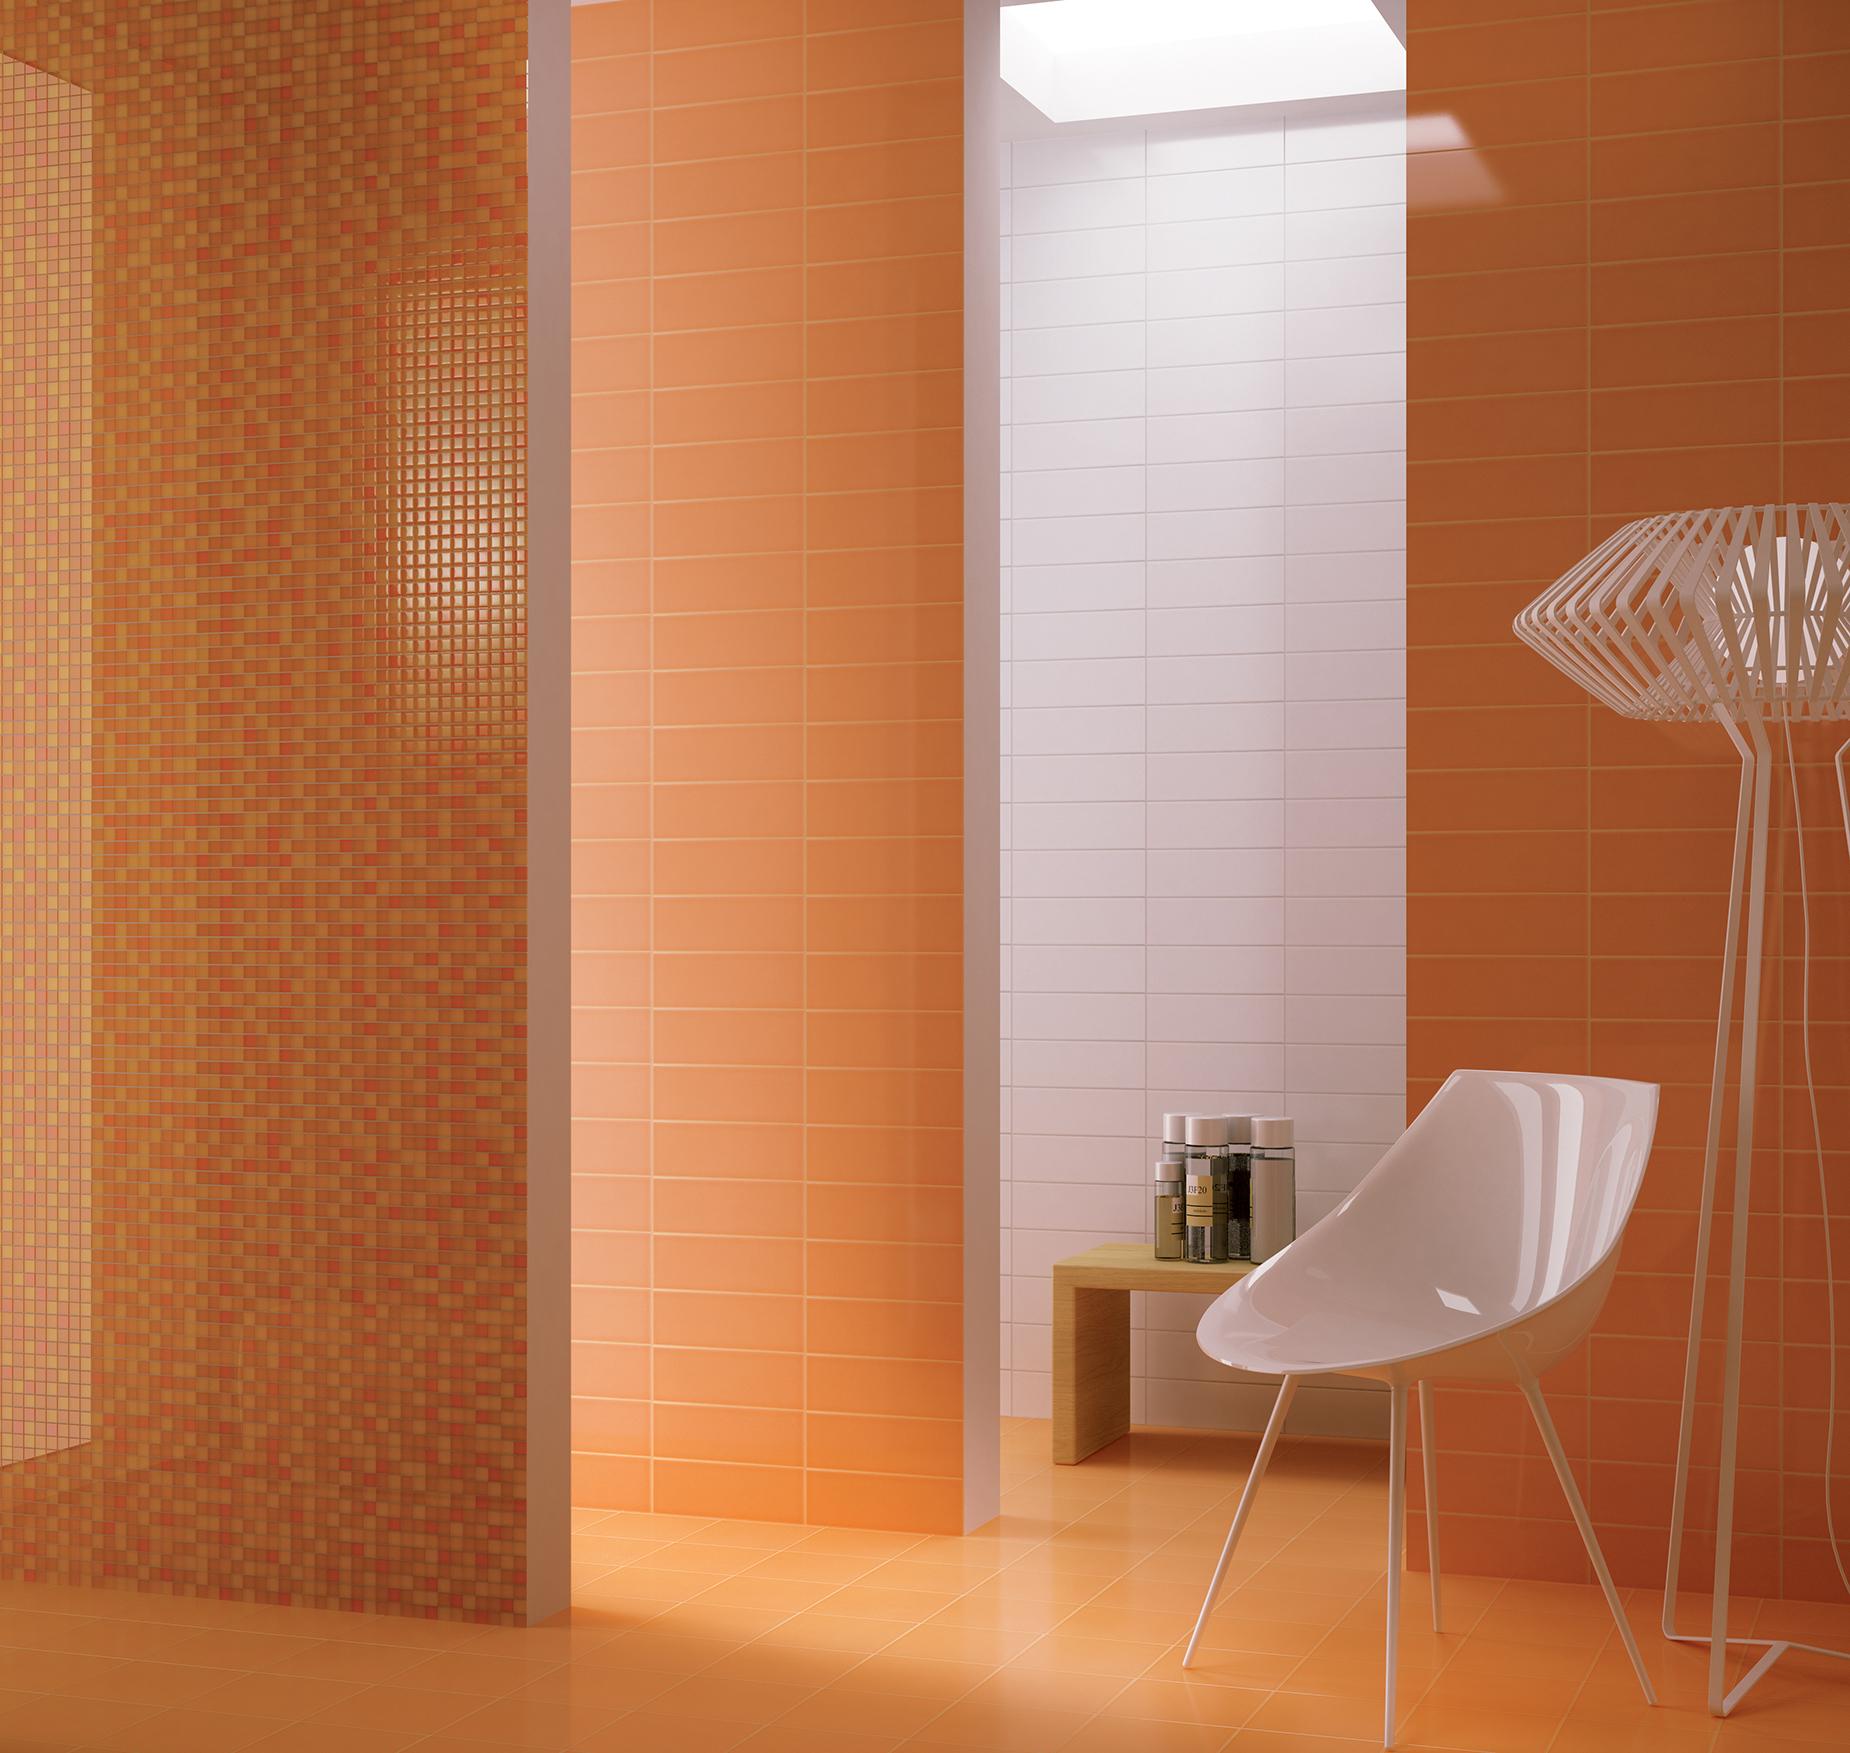 Rivestimenti Bagno Ultima Moda : Serie energy pavimenti e rivestimenti moda